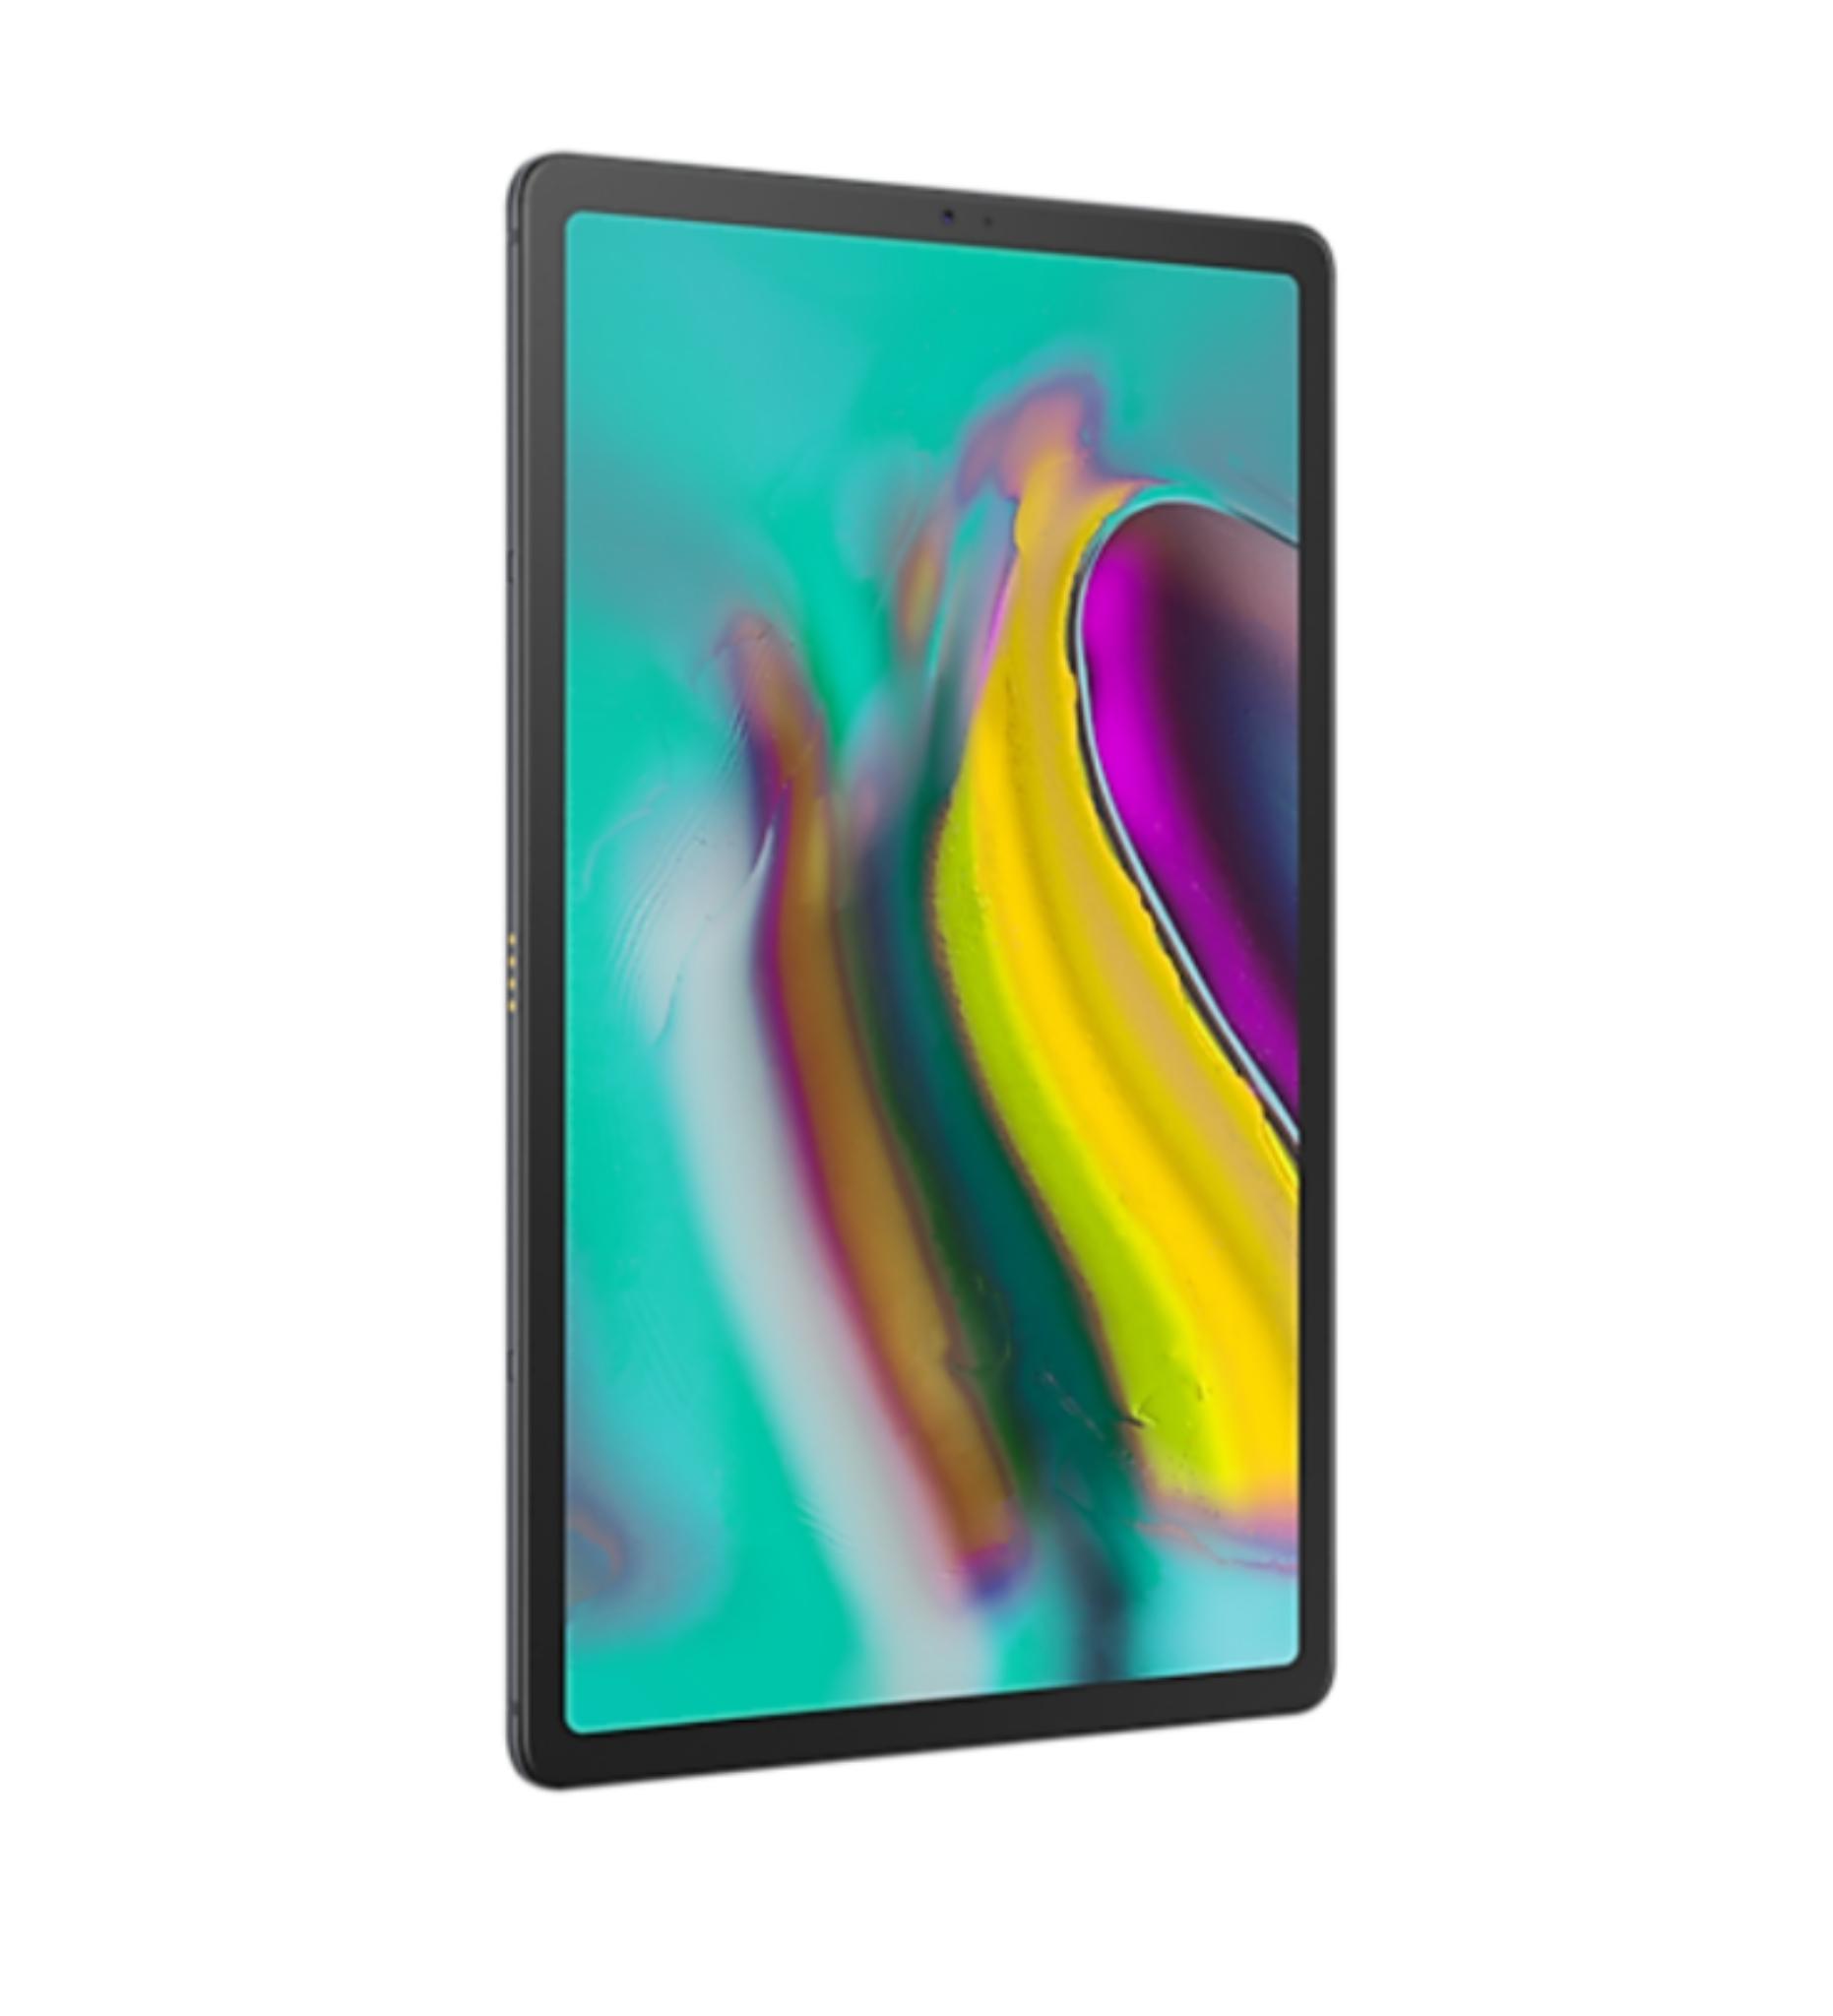 """Tablette 10.5"""" Samsung Galaxy Tab S5e - Wifi + 4G, WQHD+ AMOLED, SnapDragon 670, 6 Go RAM, 128 Go, Android 11, Noir (via ODR de 100€)"""